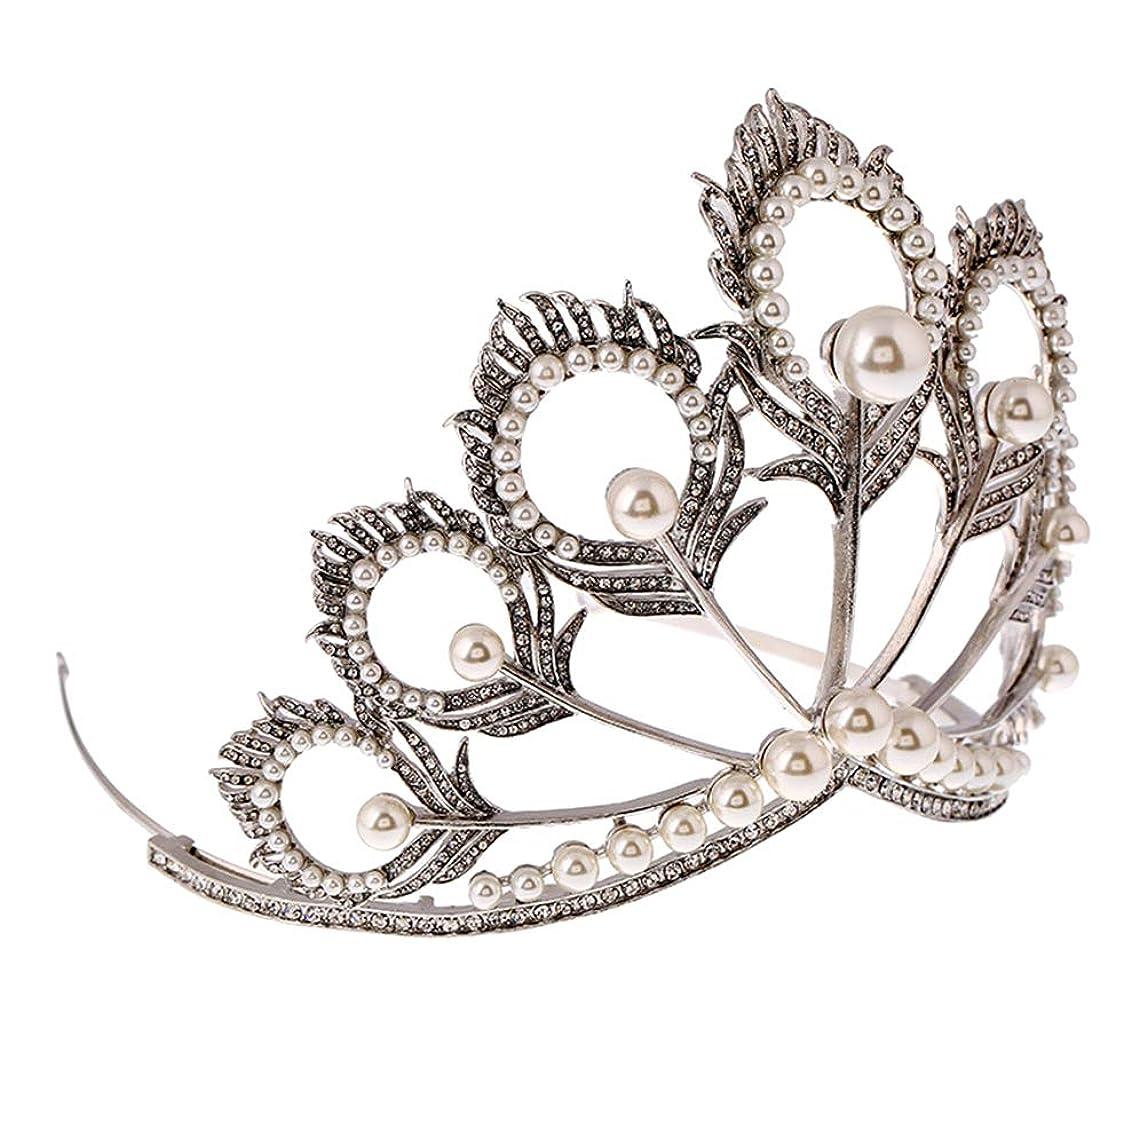 バン隠されたスリーブLurrose 女性のための真珠の羽形のティアラ高級手作りクラウンとラインストーンクラウンピーコック